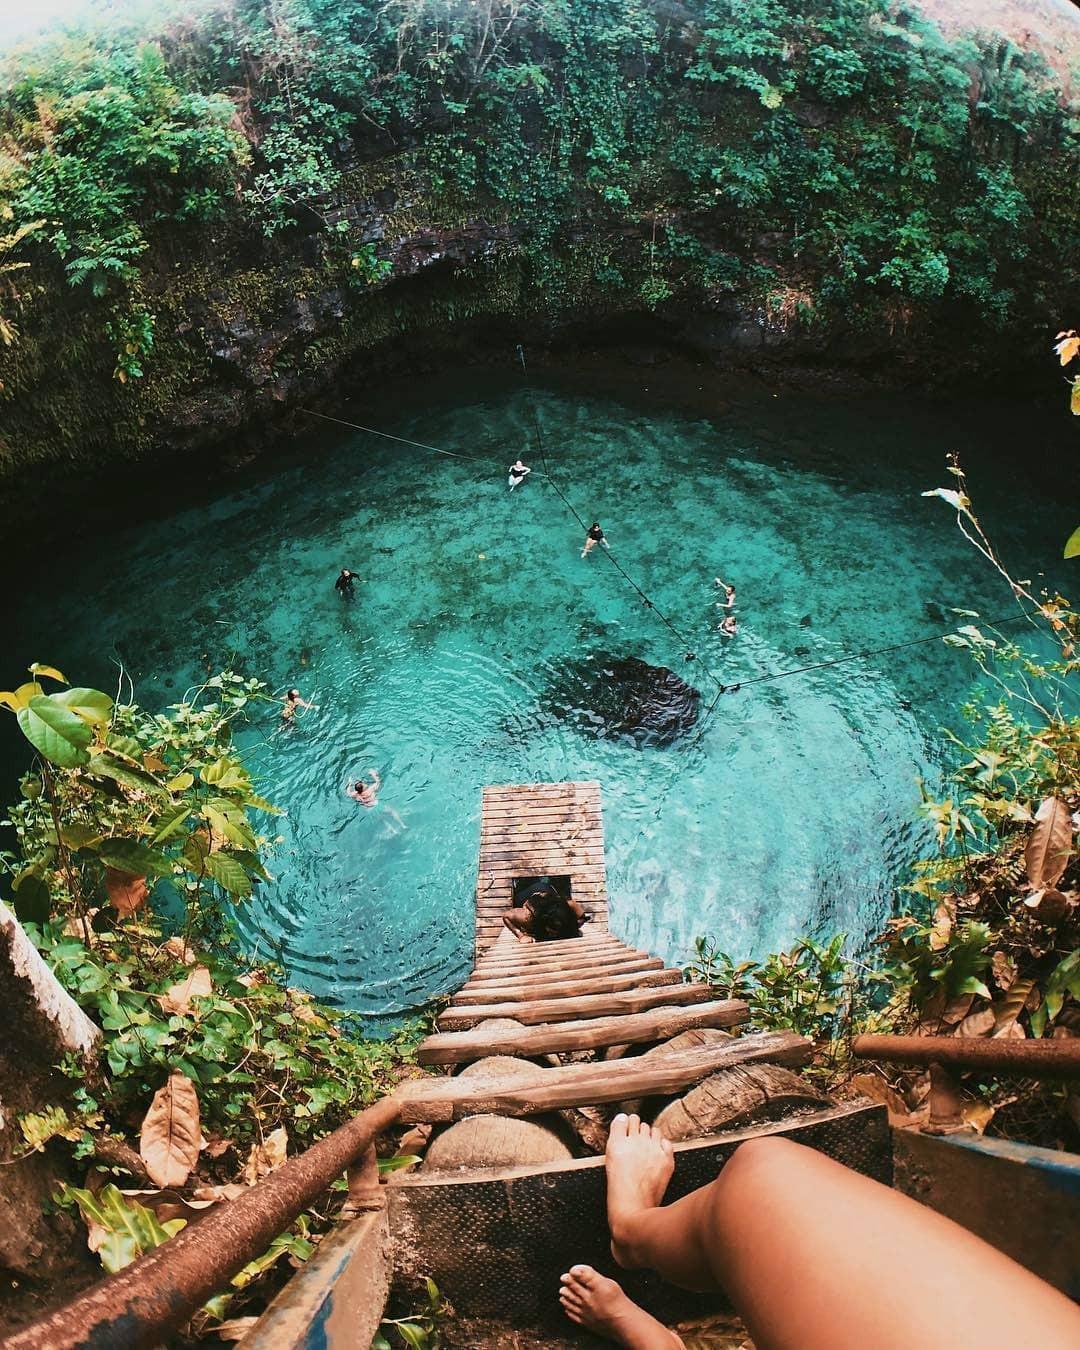 VZN News: Hồ bơi tự nhiên đẹp nhất thế giới nằm ở quốc gia ít người biết nhưng ai đã đến một lần thì đảm bảo mê cả đời! - Ảnh 9.